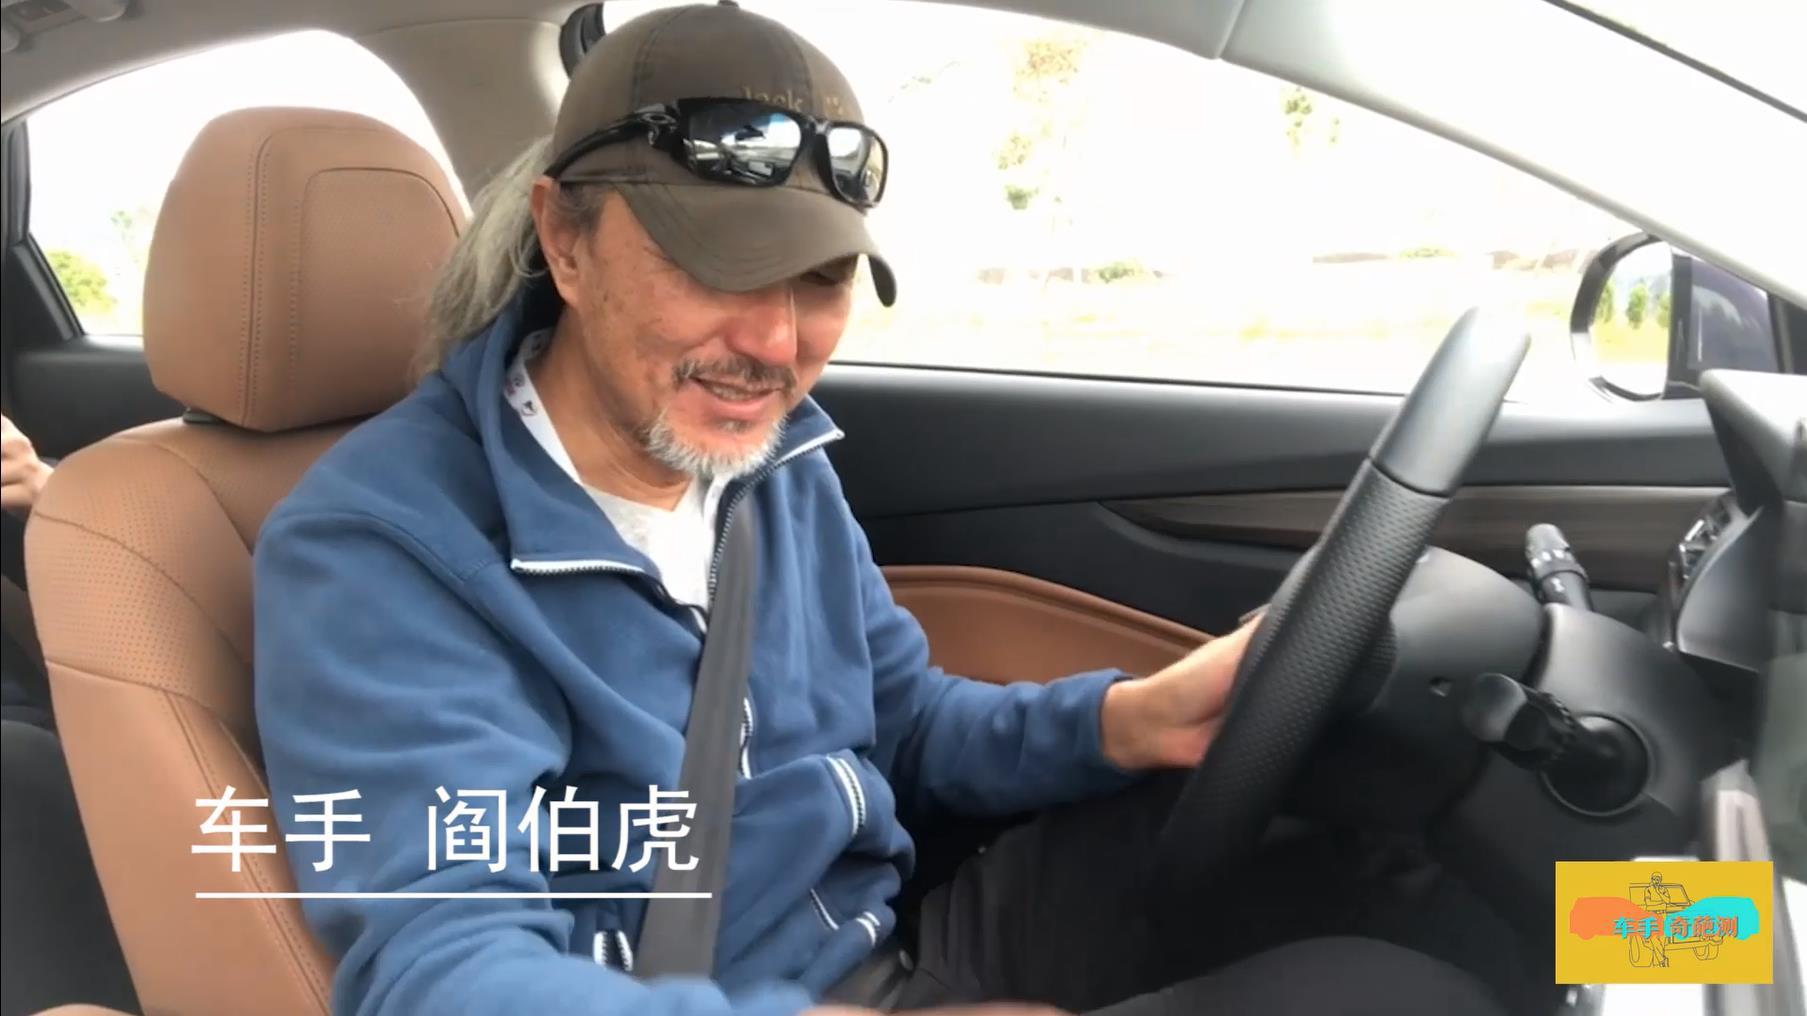 有奔驰背书,绅宝智道在B级车市场能玩出什么花样?